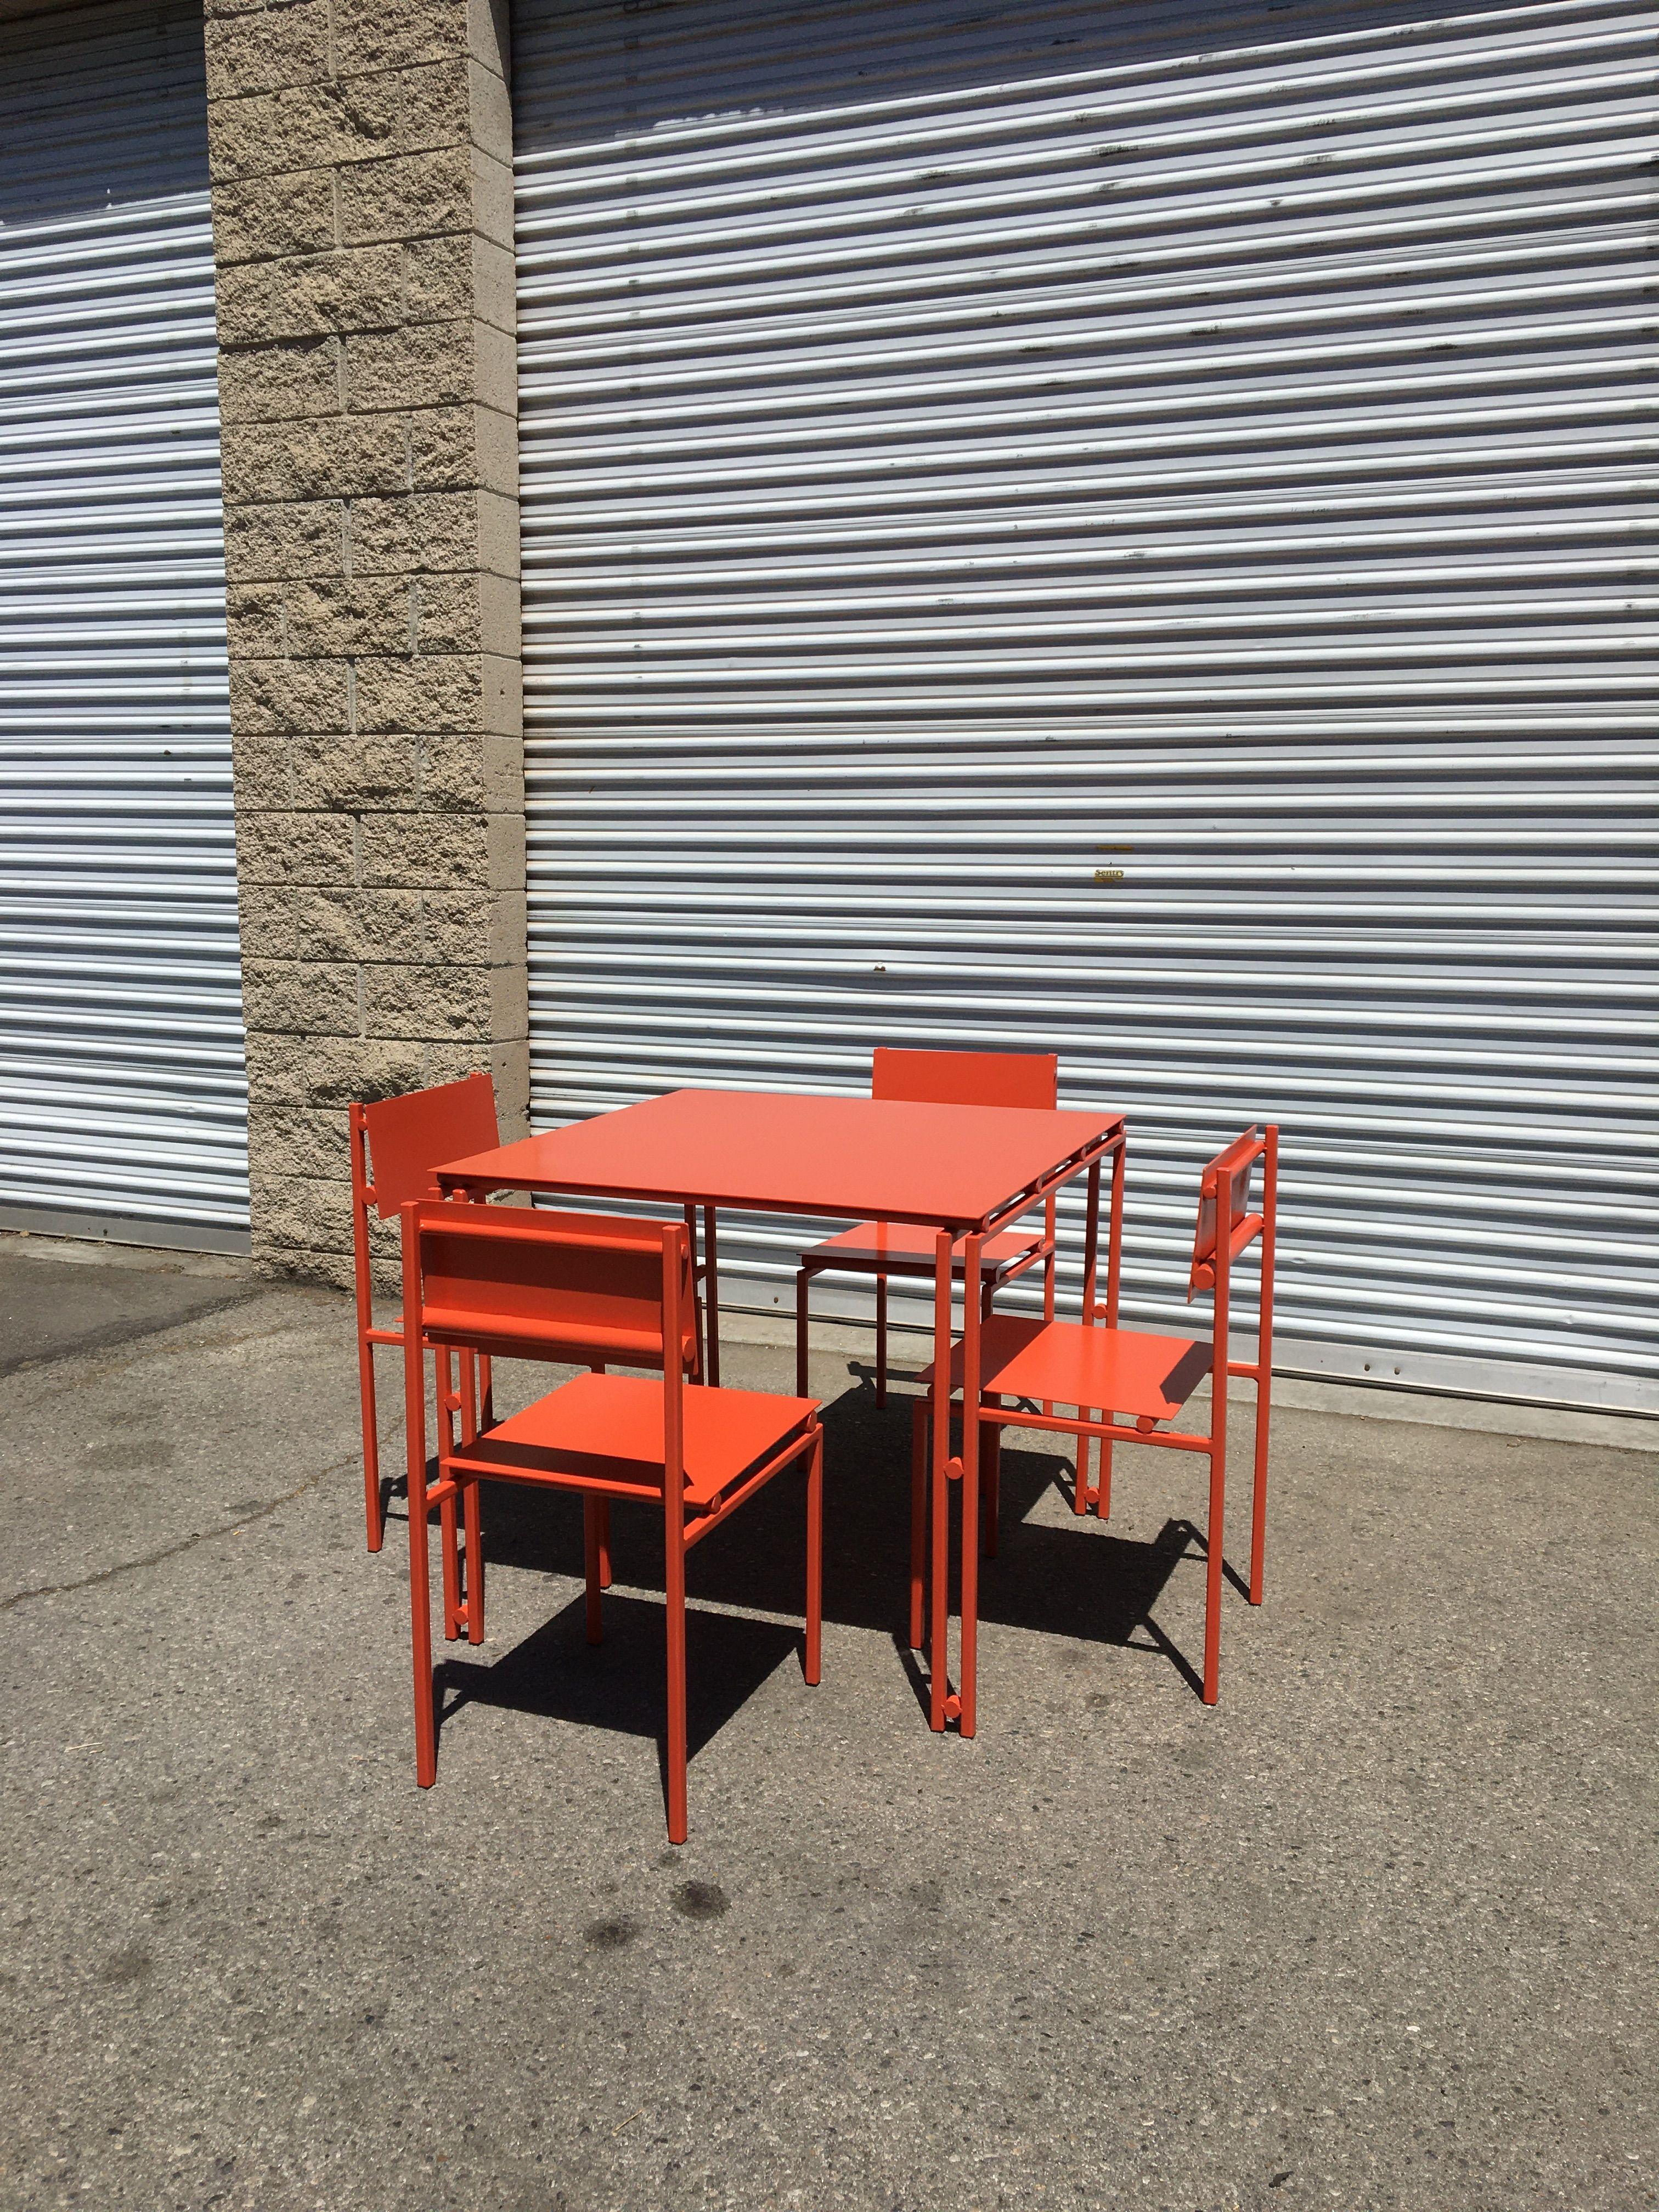 Suspension Metal Set - SIZED LA product image 1